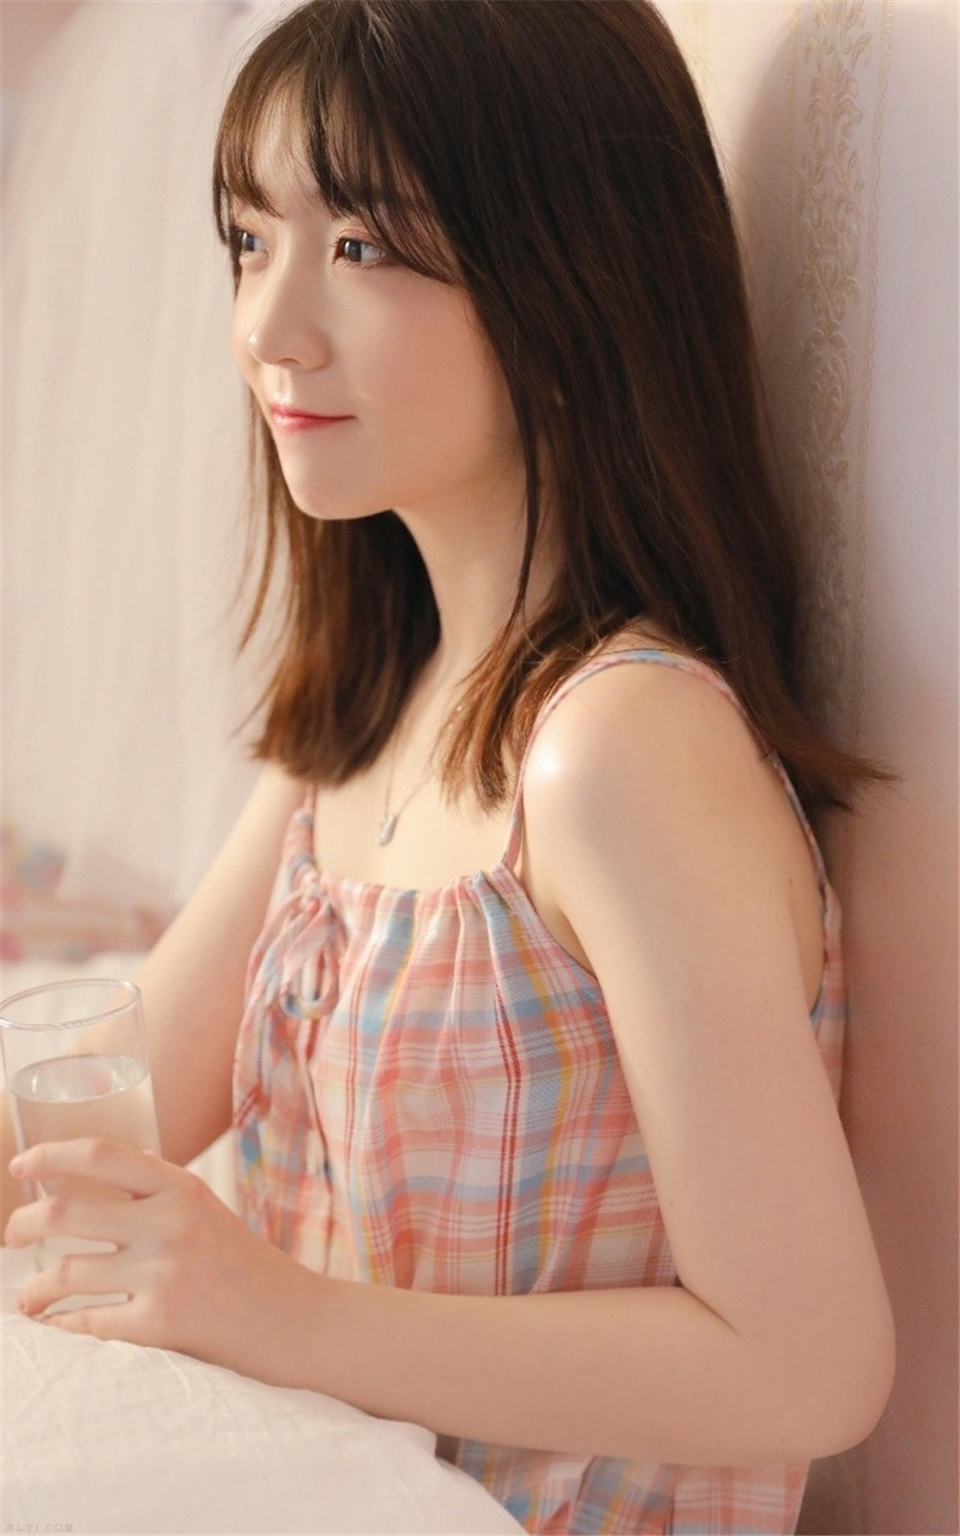 素颜美女吊带睡裙慵懒随性写真